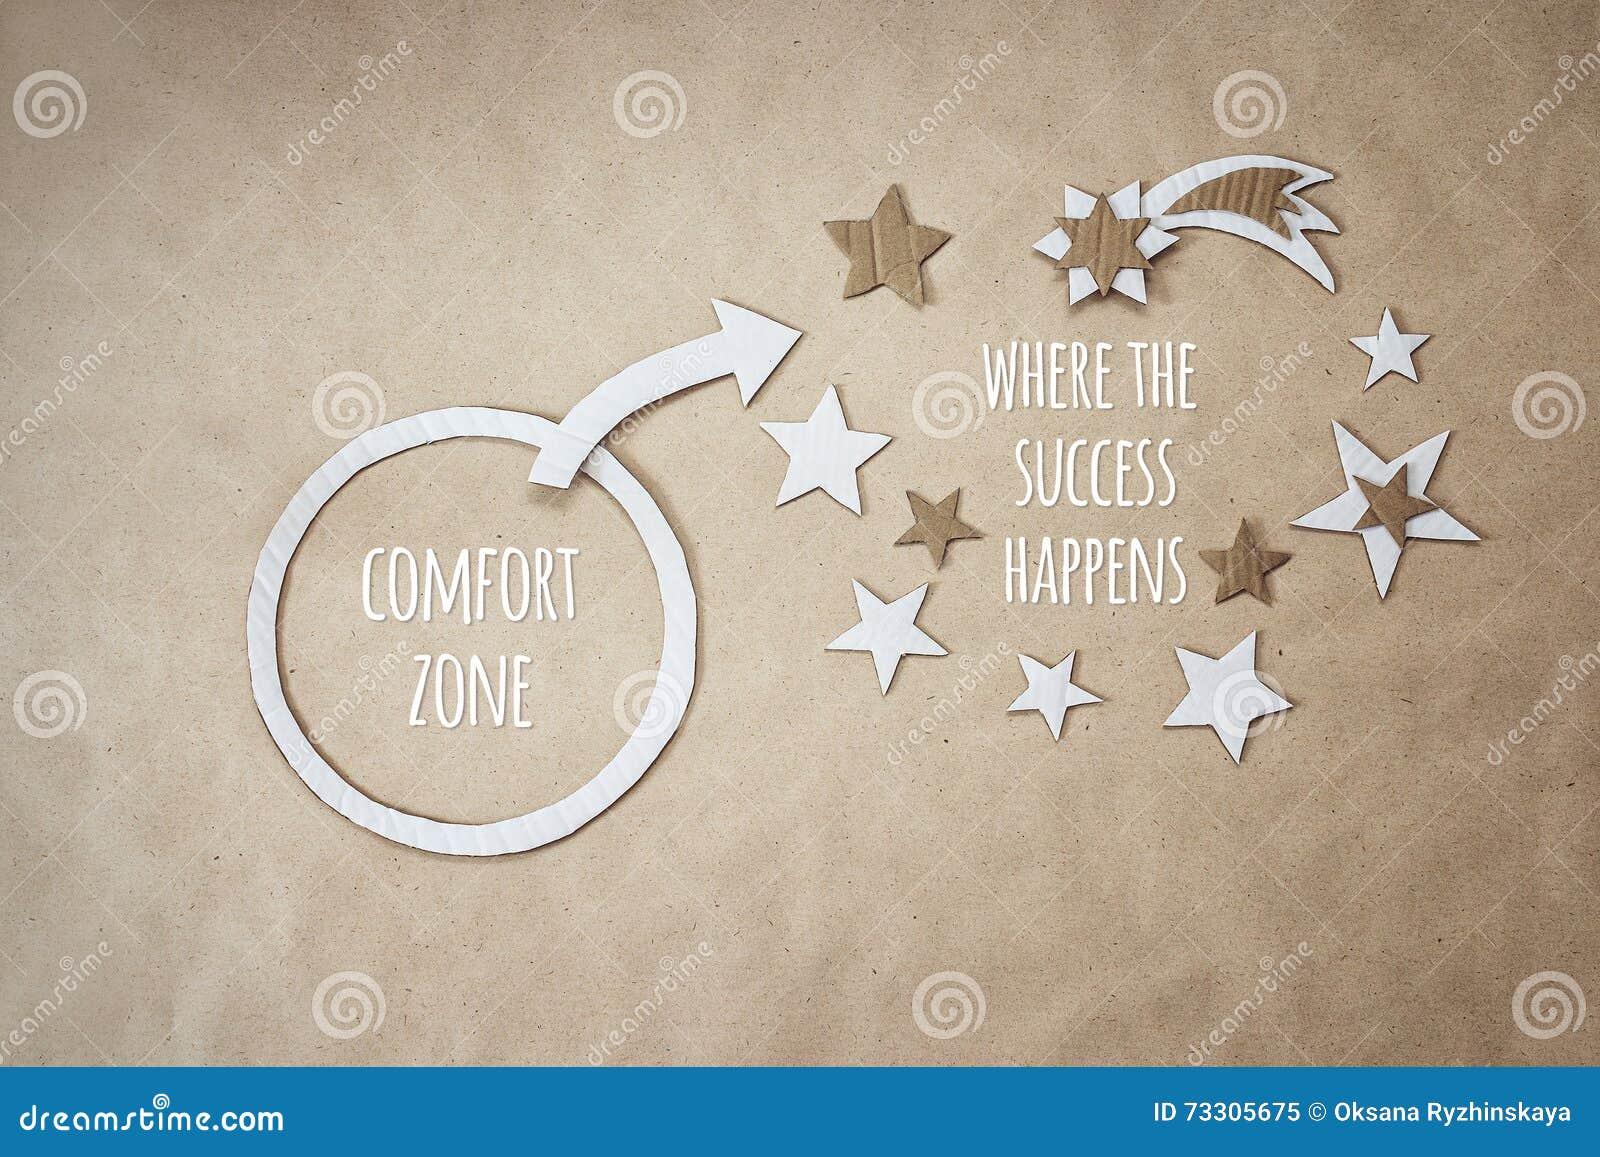 Citações inspiradas e incentivo para sair de sua zona de conforto